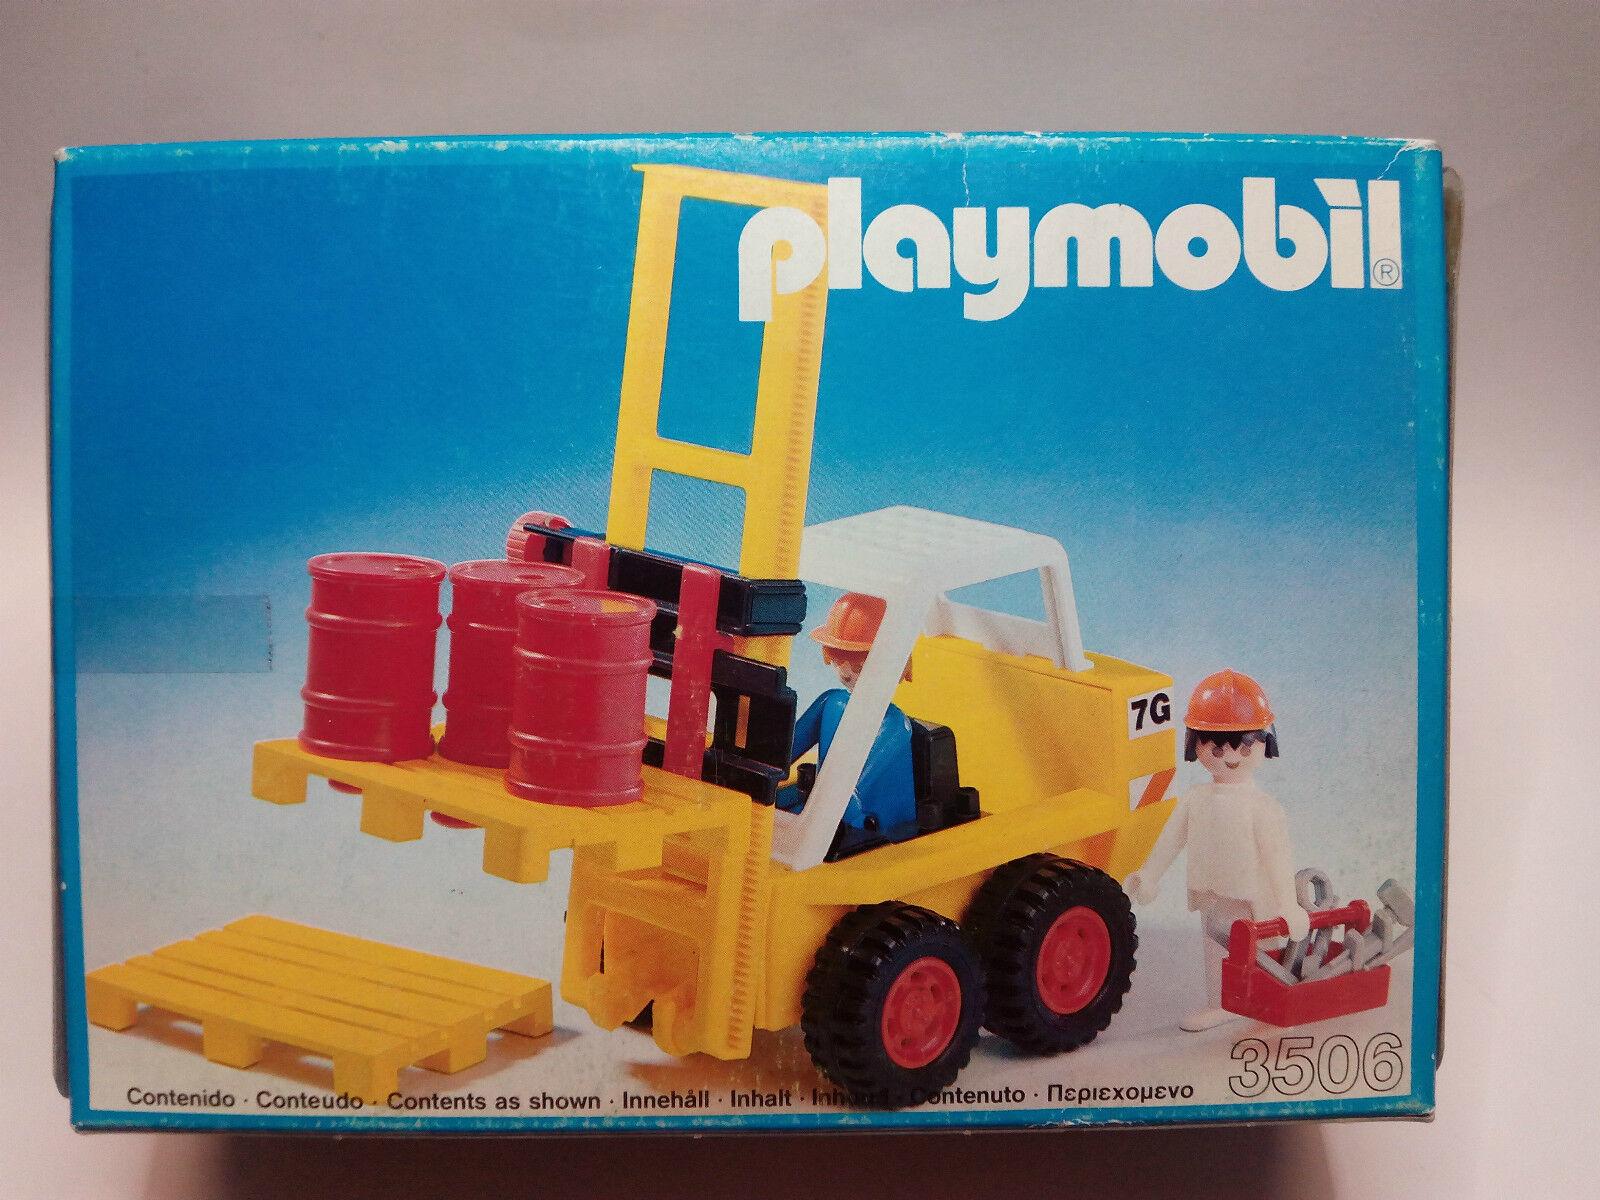 PLAYMOBIL 3506 Carretilla elevadora   NUEVO -  SEALED